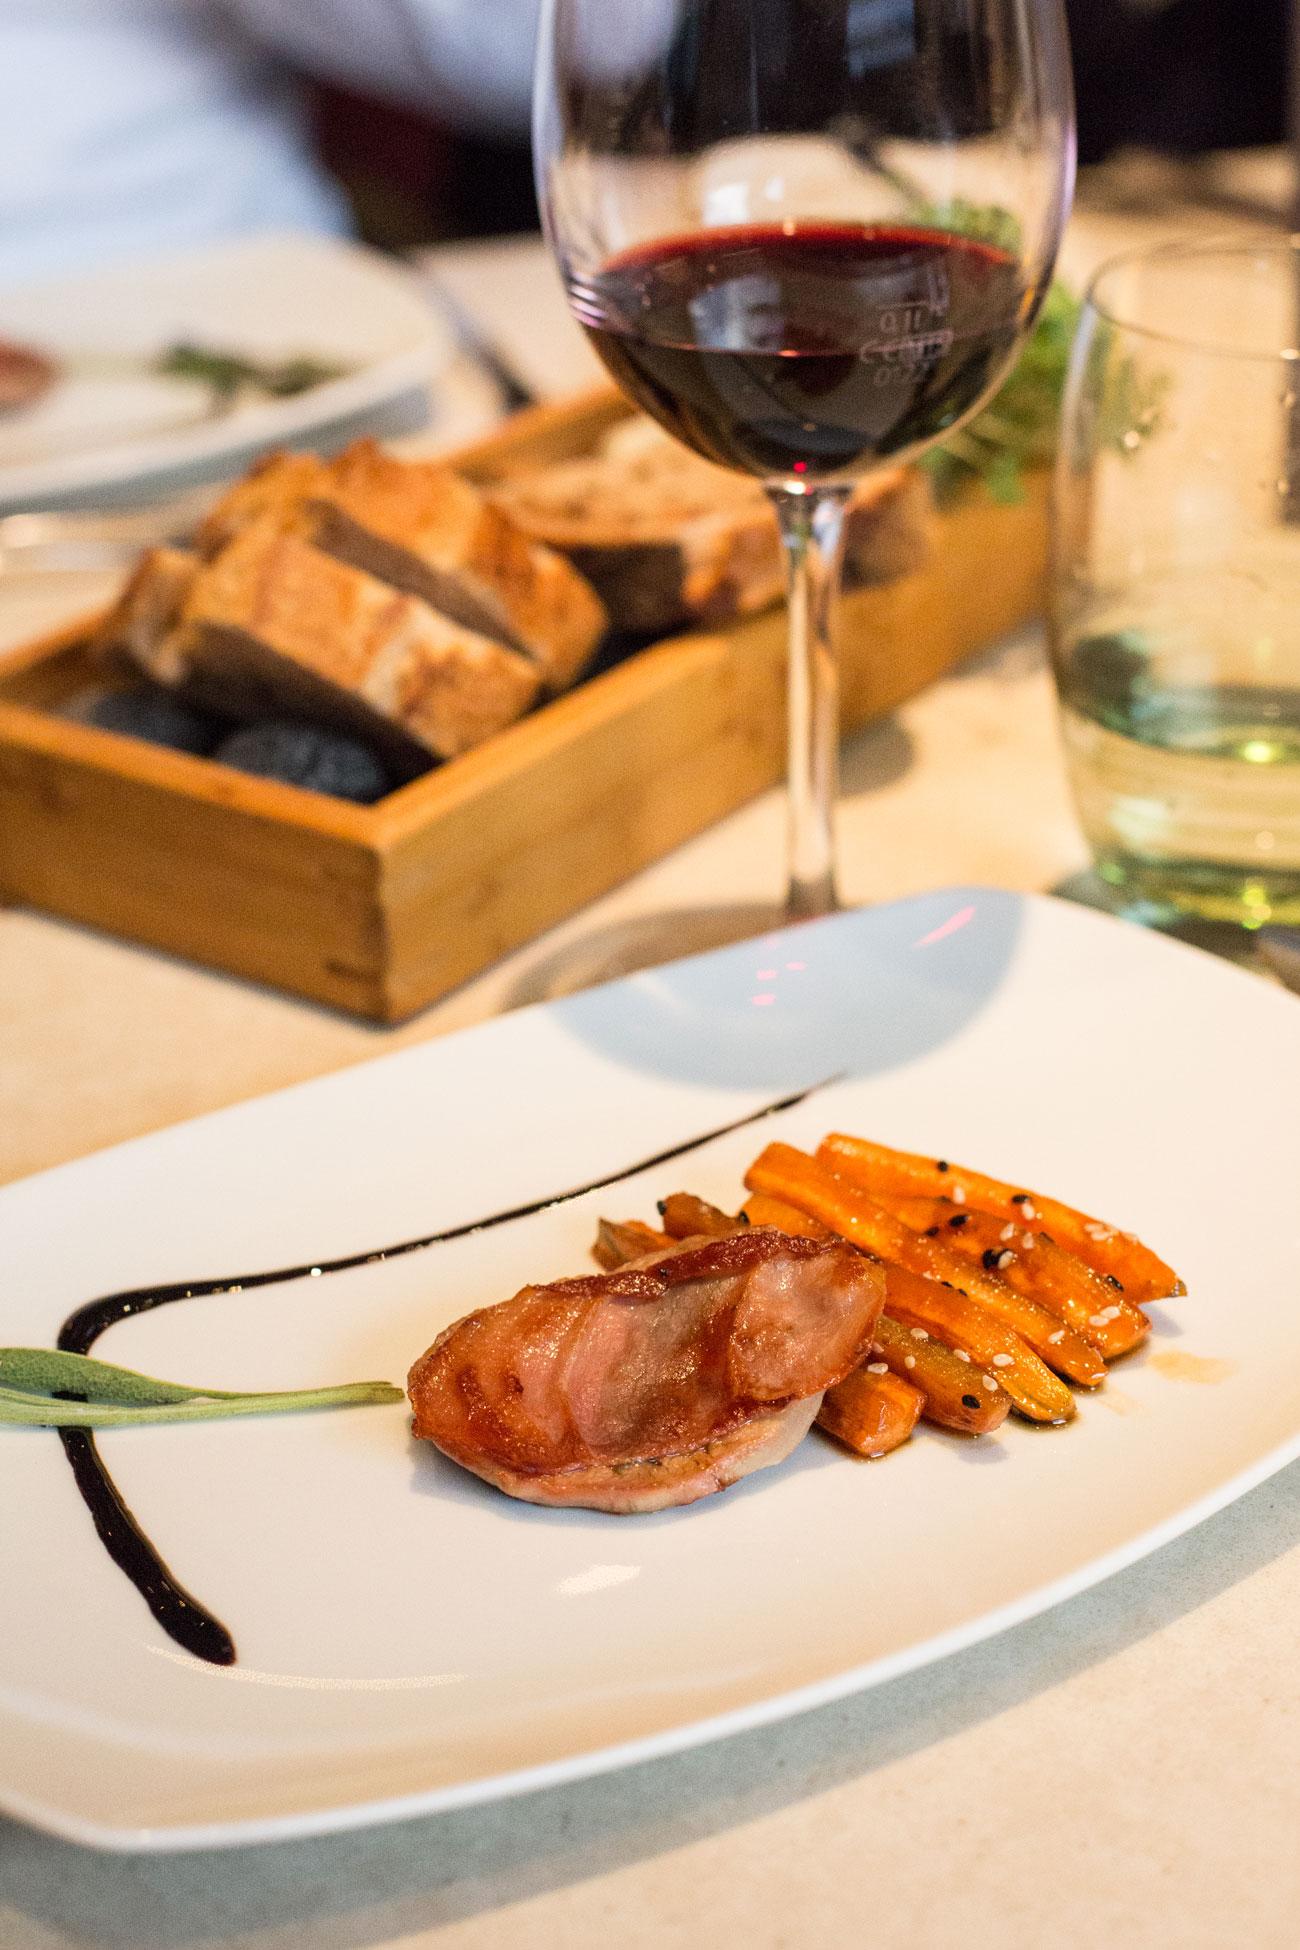 6. Gang: Kalbschnitzel mit Salbei & luftgetrocknetem Schinken, gegrillten Karotten mit Ahornsirup & Sesam, Balsamicoreduktion